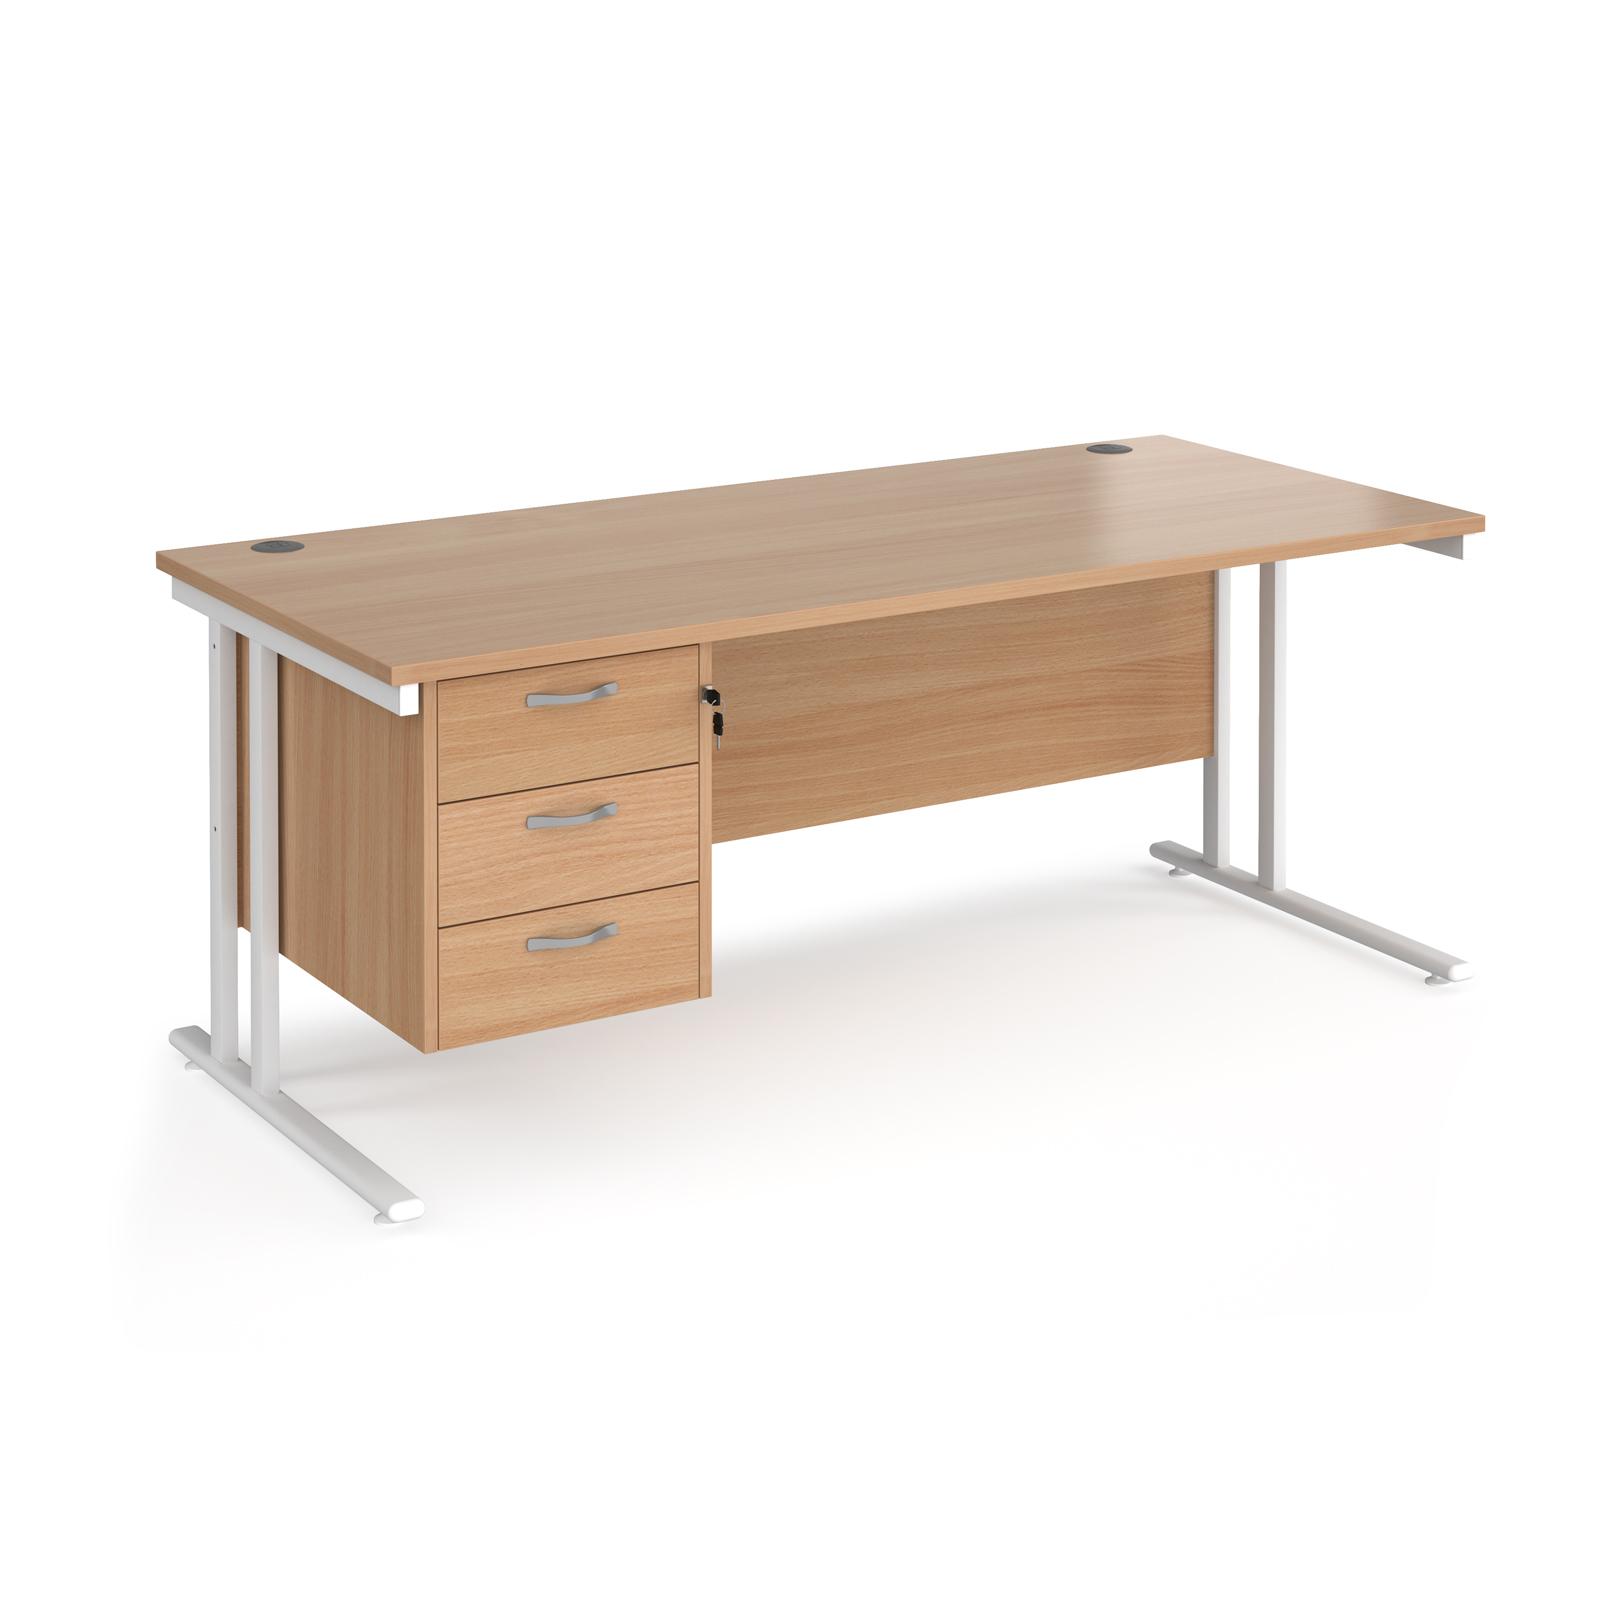 Rectangular Desks Maestro 25 straight desk 1800mm x 800mm with 3 drawer pedestal - white cantilever leg frame, beech top